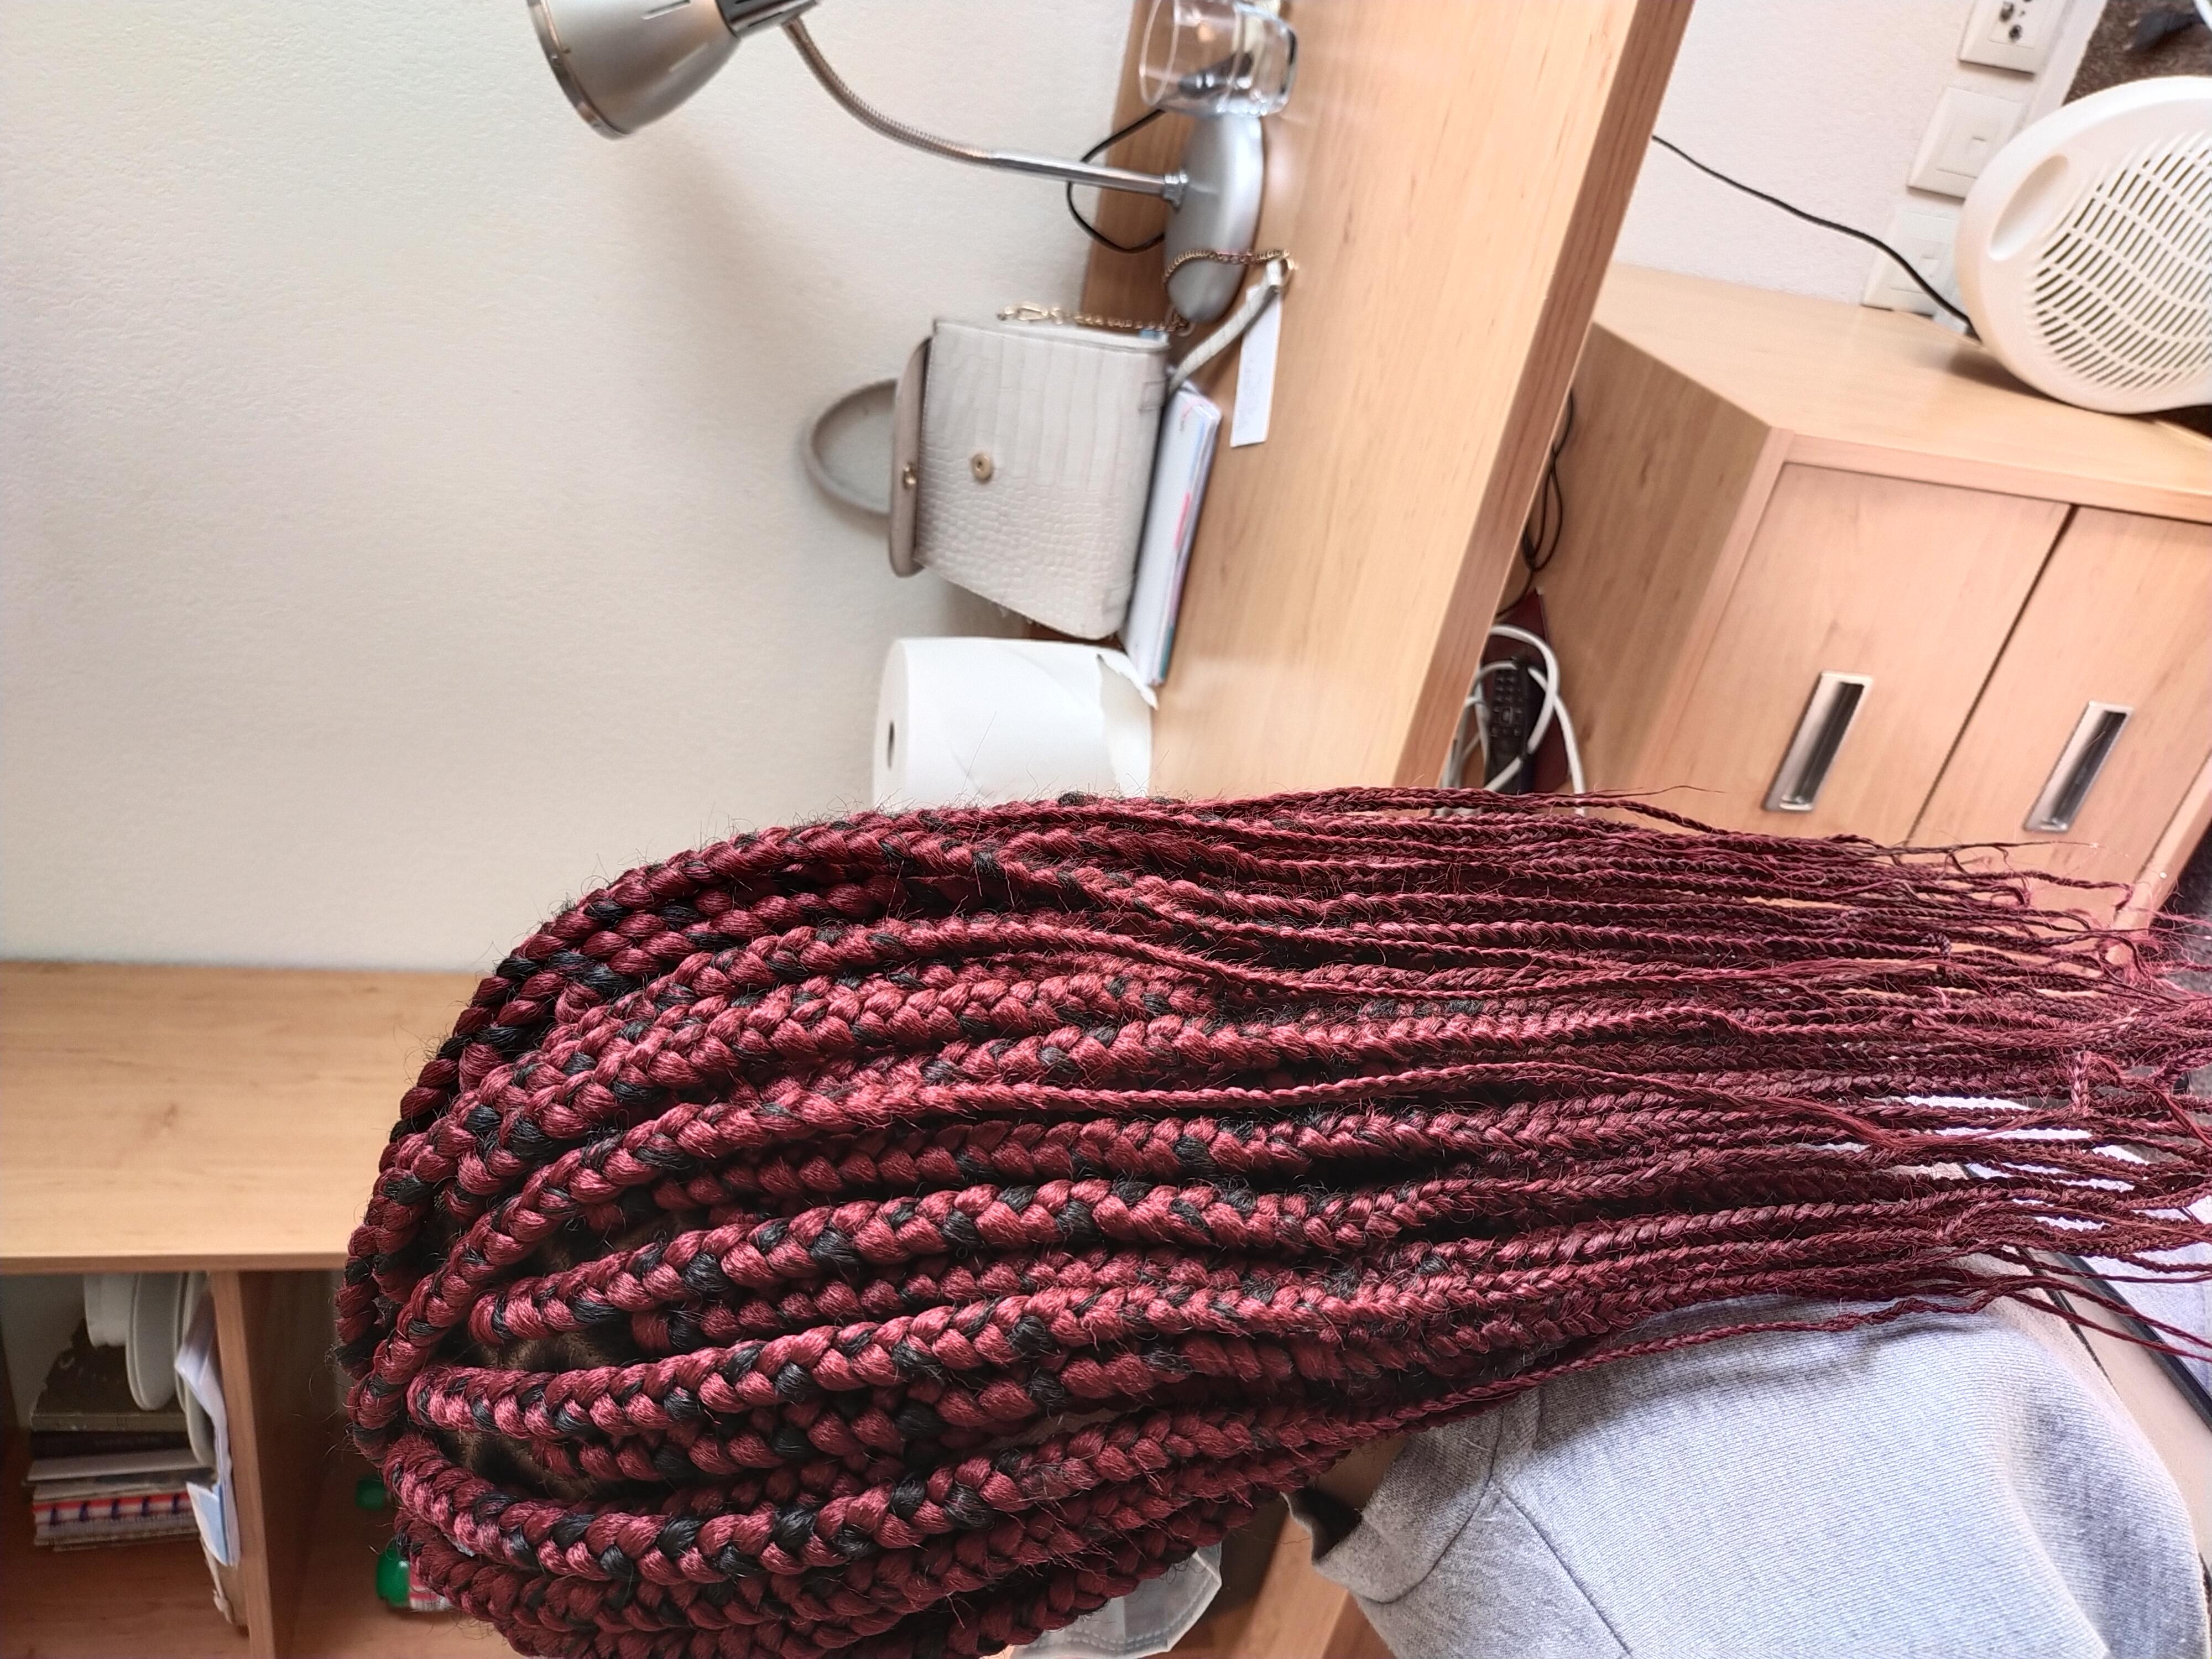 salon de coiffure afro tresse tresses box braids crochet braids vanilles tissages paris 75 77 78 91 92 93 94 95 RKWDAJKQ